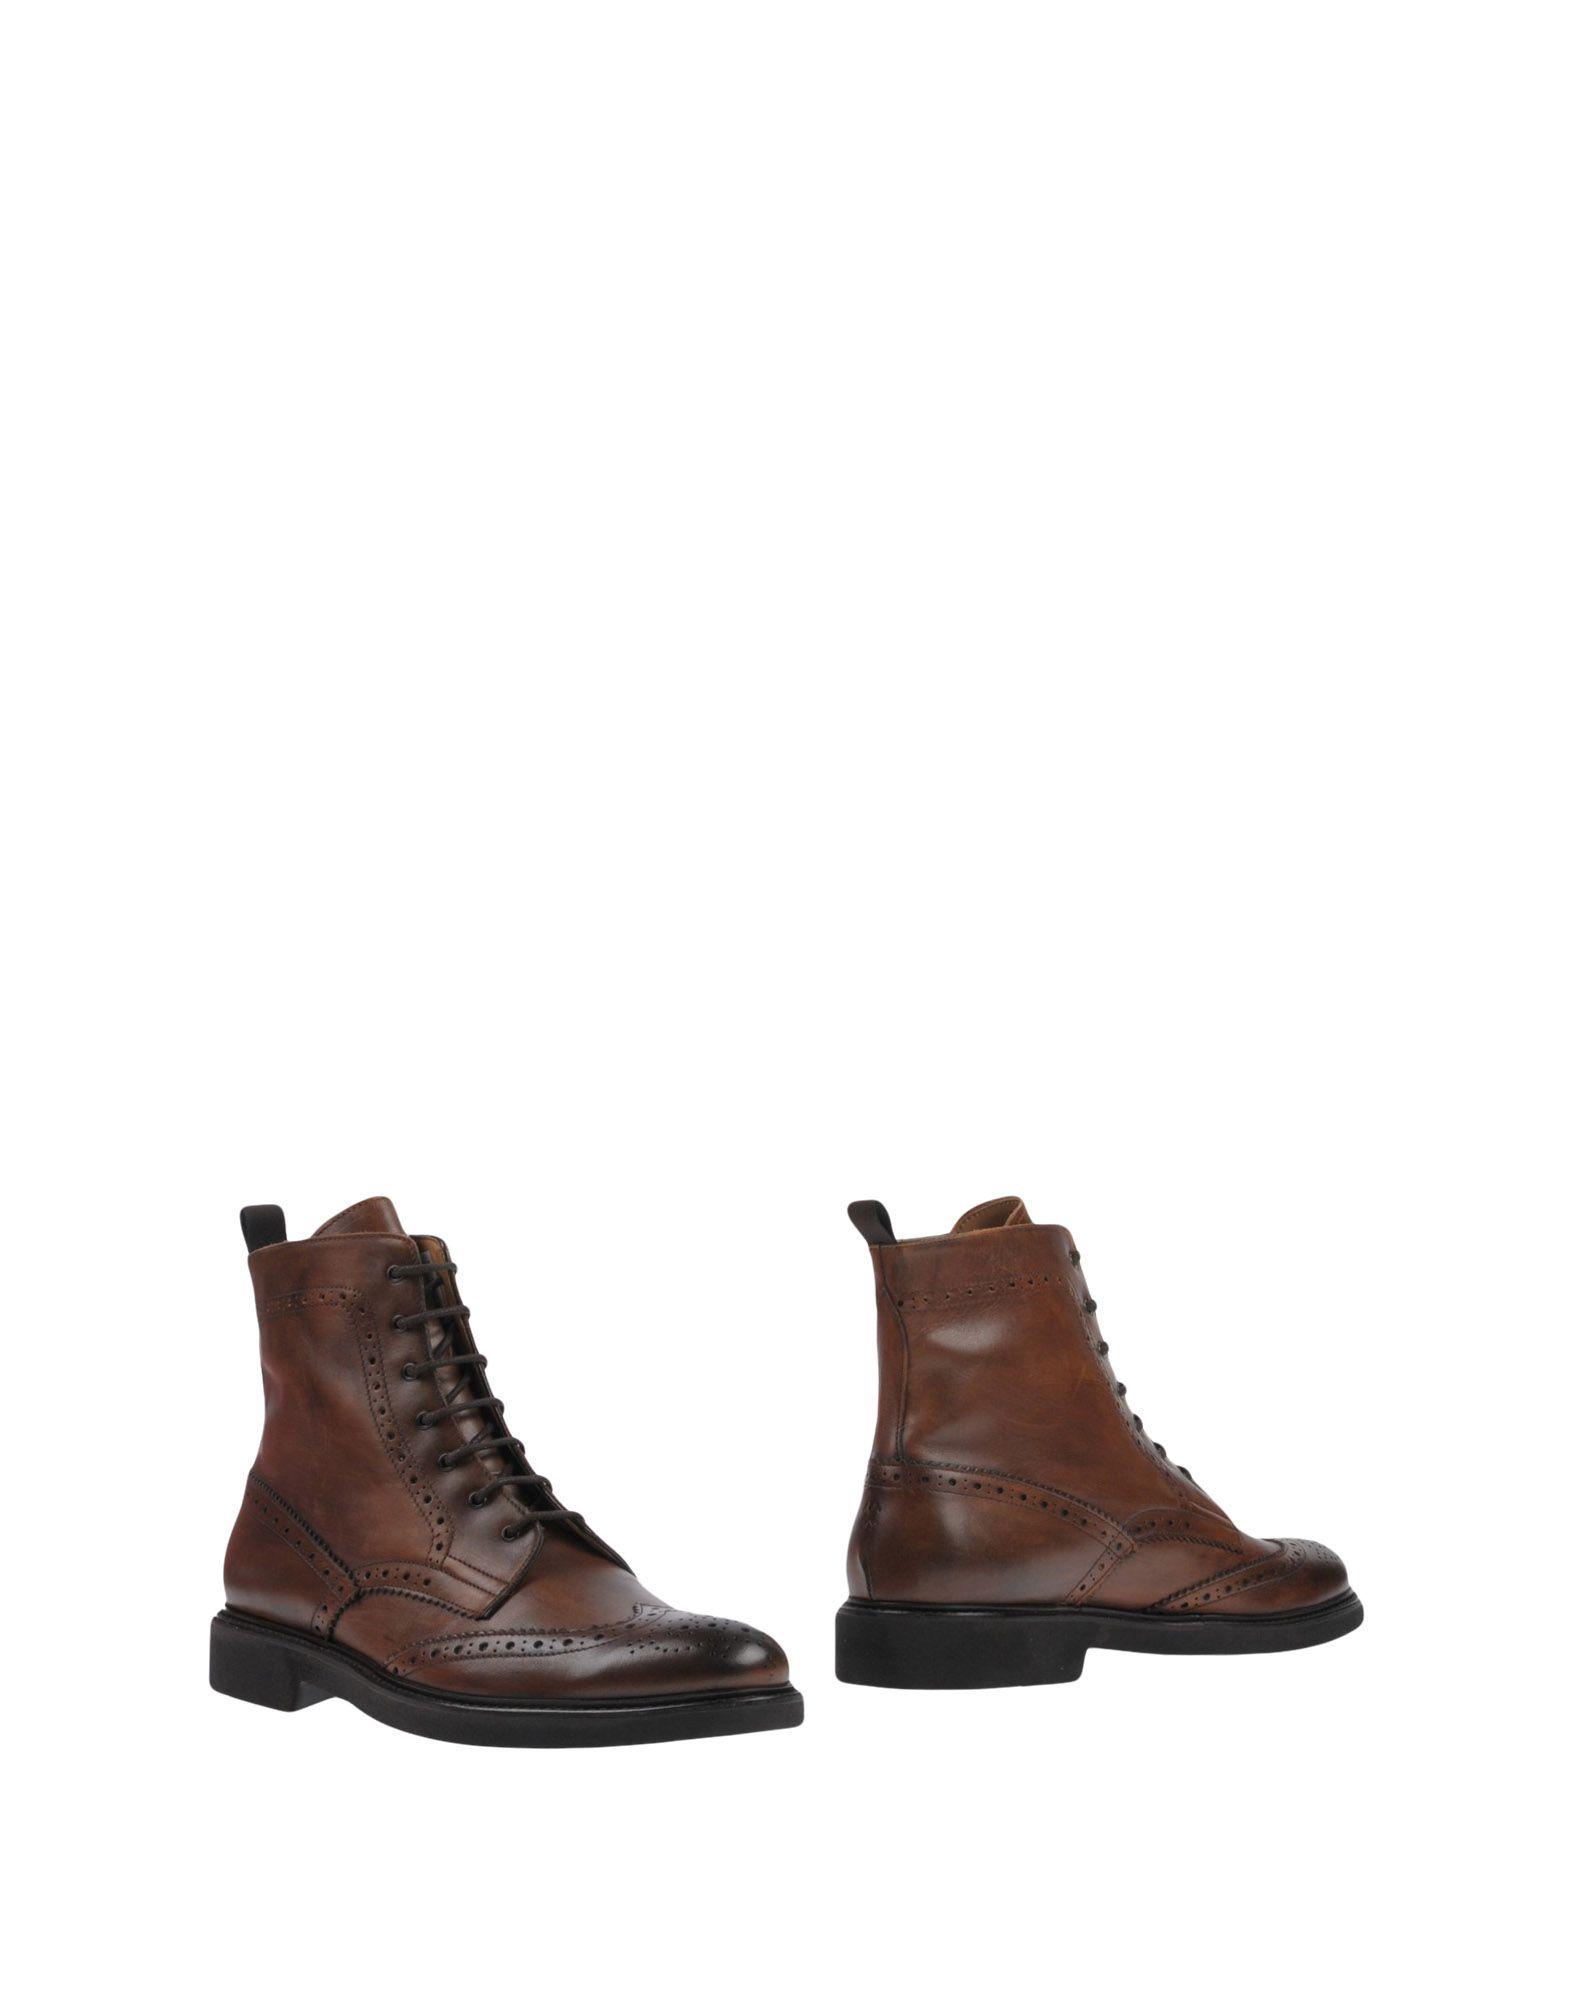 Alexander Trend Stiefelette Schuhe Herren  11454602WV Neue Schuhe Stiefelette 2fb52a